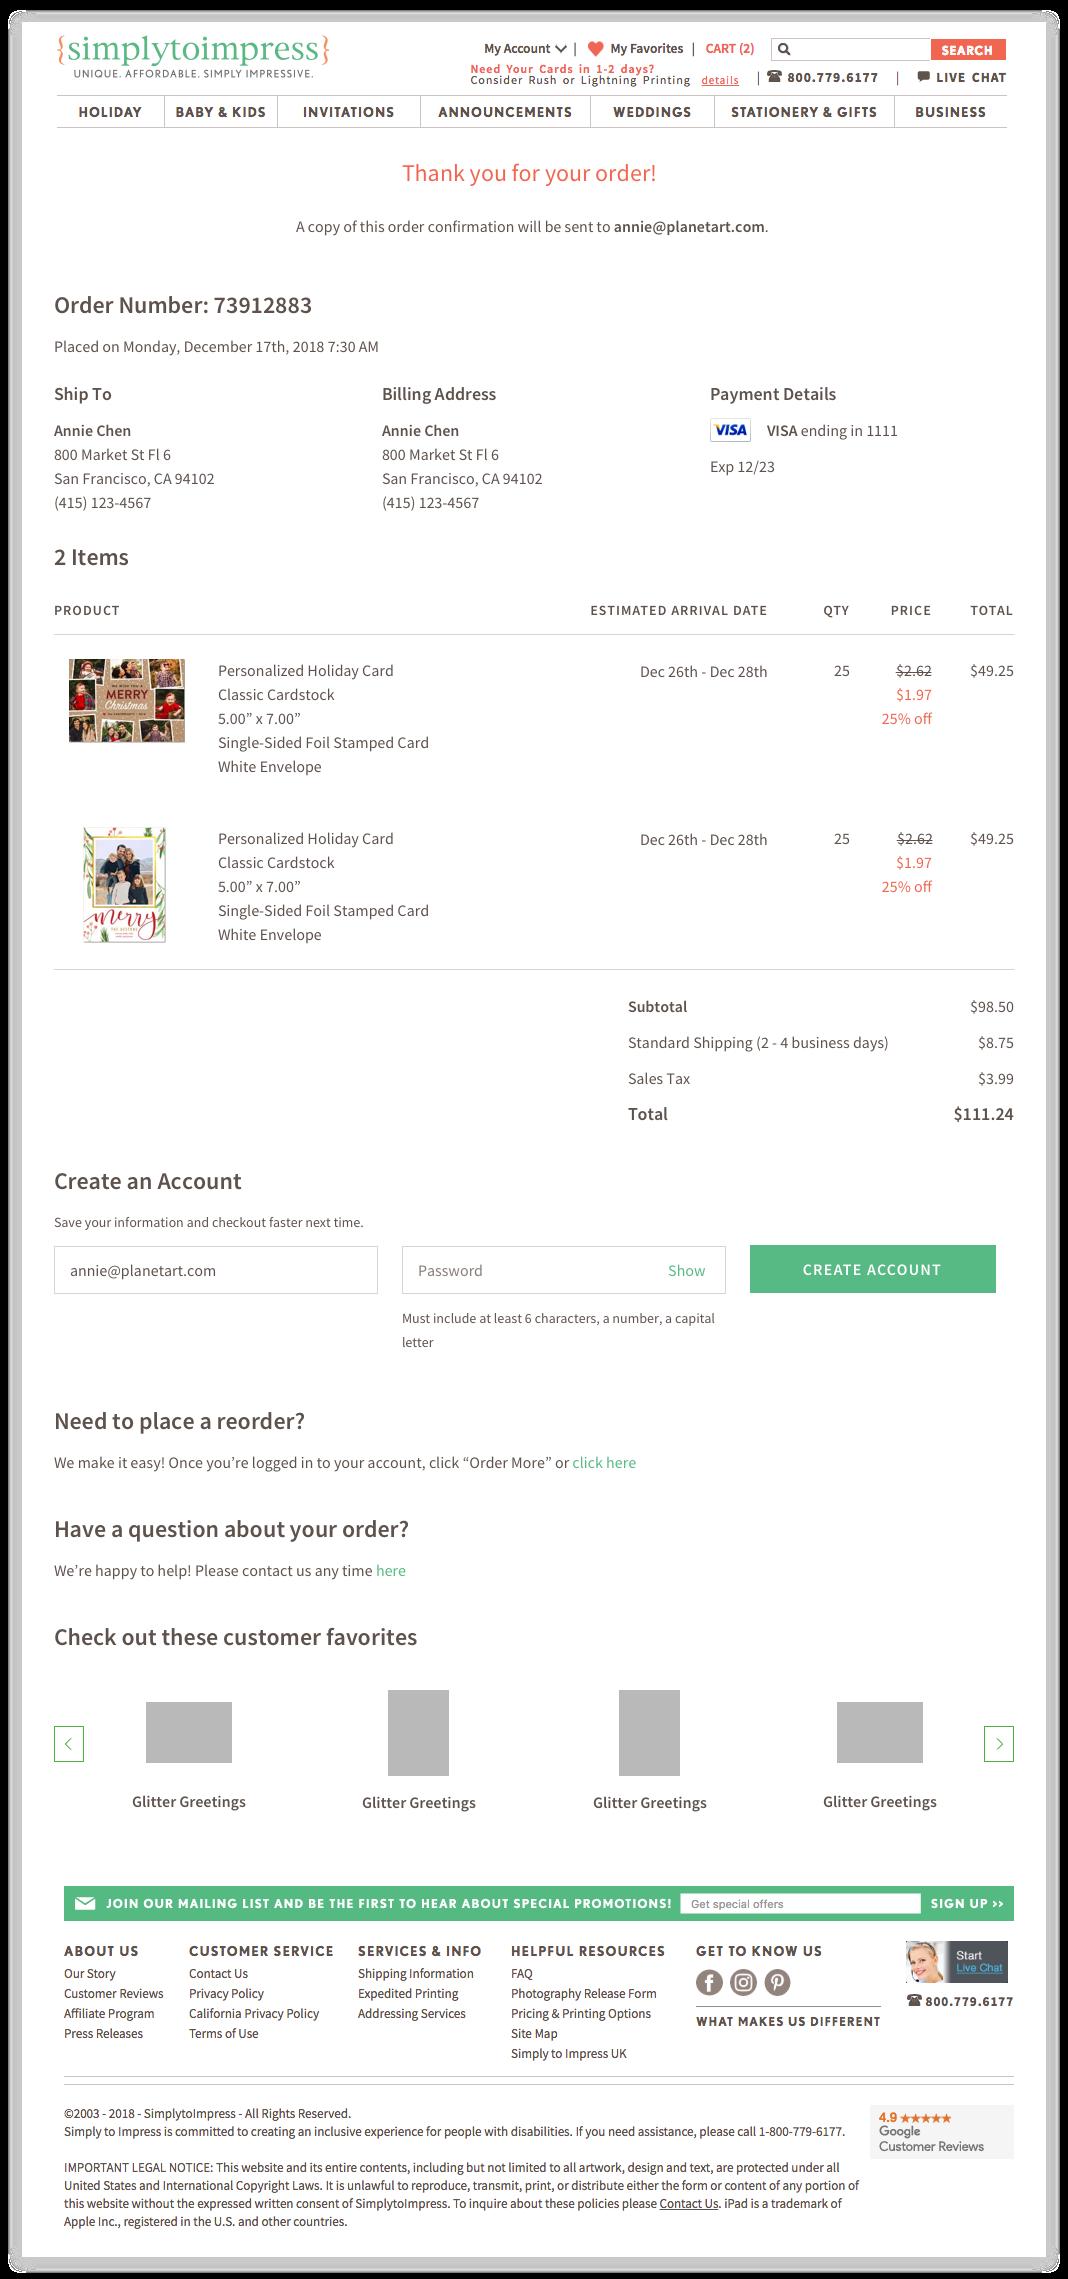 order confirm v1.png